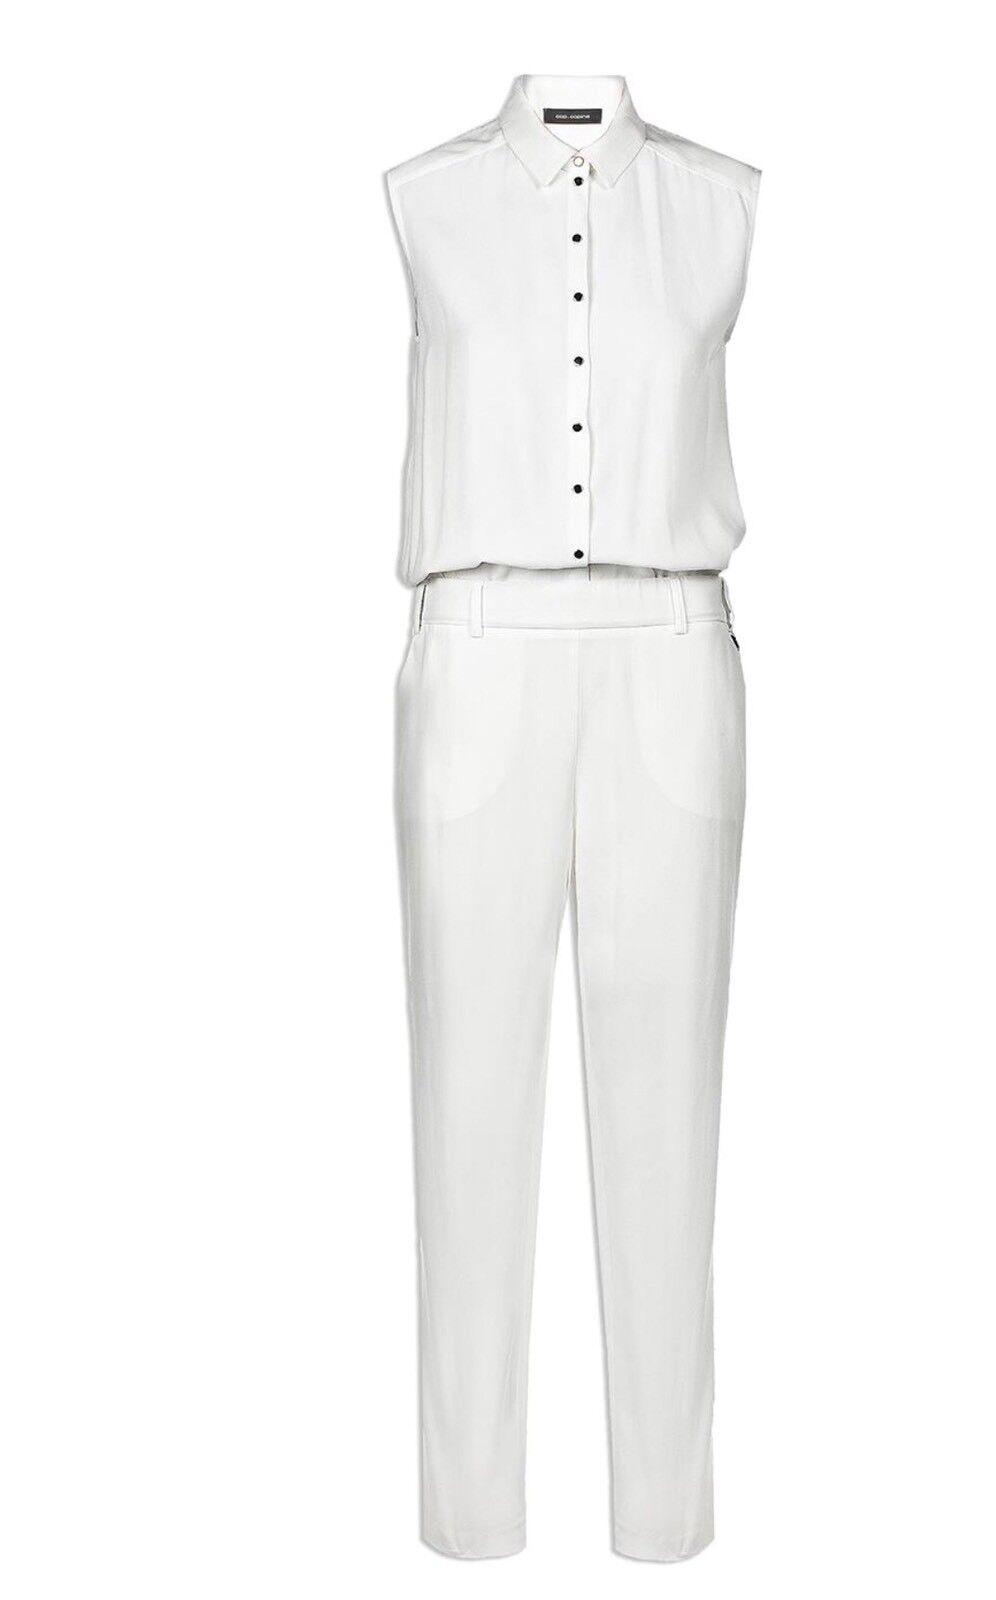 c8d3190c8ebd Combinaison Barnay Cop Copine size 34 nqjcsq3737-Jumpsuits ...